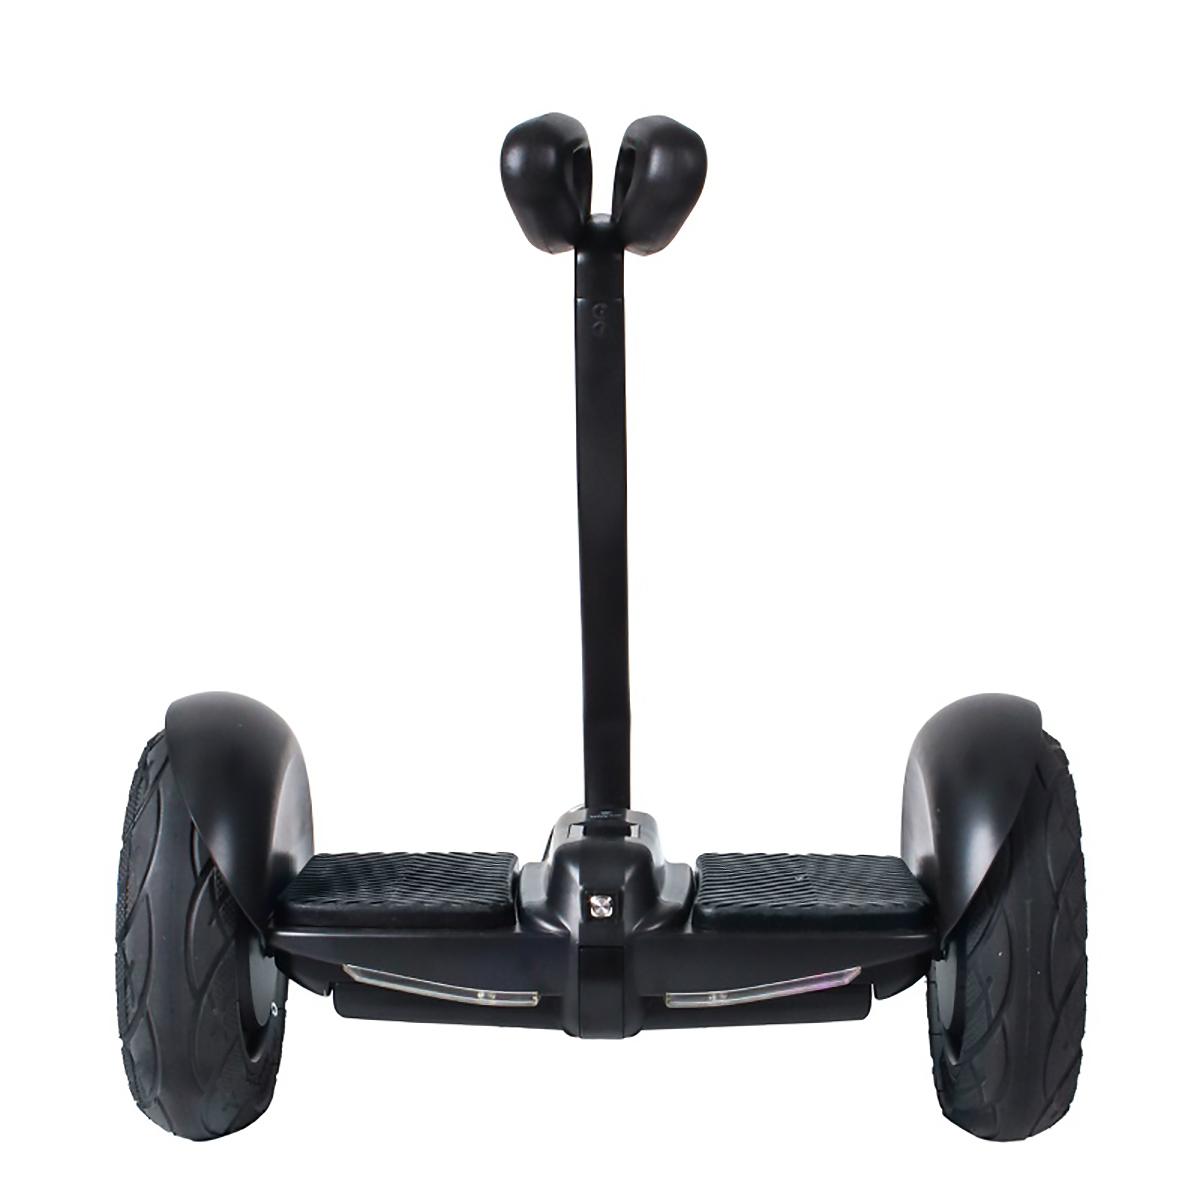 Гироскутер Hoverbot MINI, цвет: черныйMCI54145_WhiteМини Сигвей Hoverbot mini представляет собой уменьшенную копию сигвея, управление которым осуществляется коленями. Данная модель Hoverbot'а развивает максимальную скорость в 16 км/ч и преодолевает расстояние на одном заряде до 22 км. Имеет световую подсветку и габариты на передней части корпуса. Лёгкое в управление устройство Hoverbot mini станет незаменимым спутником в прогулках по паркам, езде на работу, его можно легко поднять и перенести в другое место. В комплект входит зарядное устройство и пульт управления. Технические характеристики: Возможная дистанция: 22 кмМаксимальная скорость: 16 км/чАккумулятор: Lithium 54 V 4.4AHРазмер колеса: 10 dМощность мотора: 2x350W Максимальная нагрузка: 100 кгВремя заряда/сеть: 120 мин/220ВВес нетто: 12.3 кгВес брутто: 14,1 кгВлагозащита: IP55Условия эксплуатации: -10°C + 50°C. Bluetooth. Приложение Mini Robot. Комплектация: Зарядное устройство, гарантийный талон, сертификат, инструкция